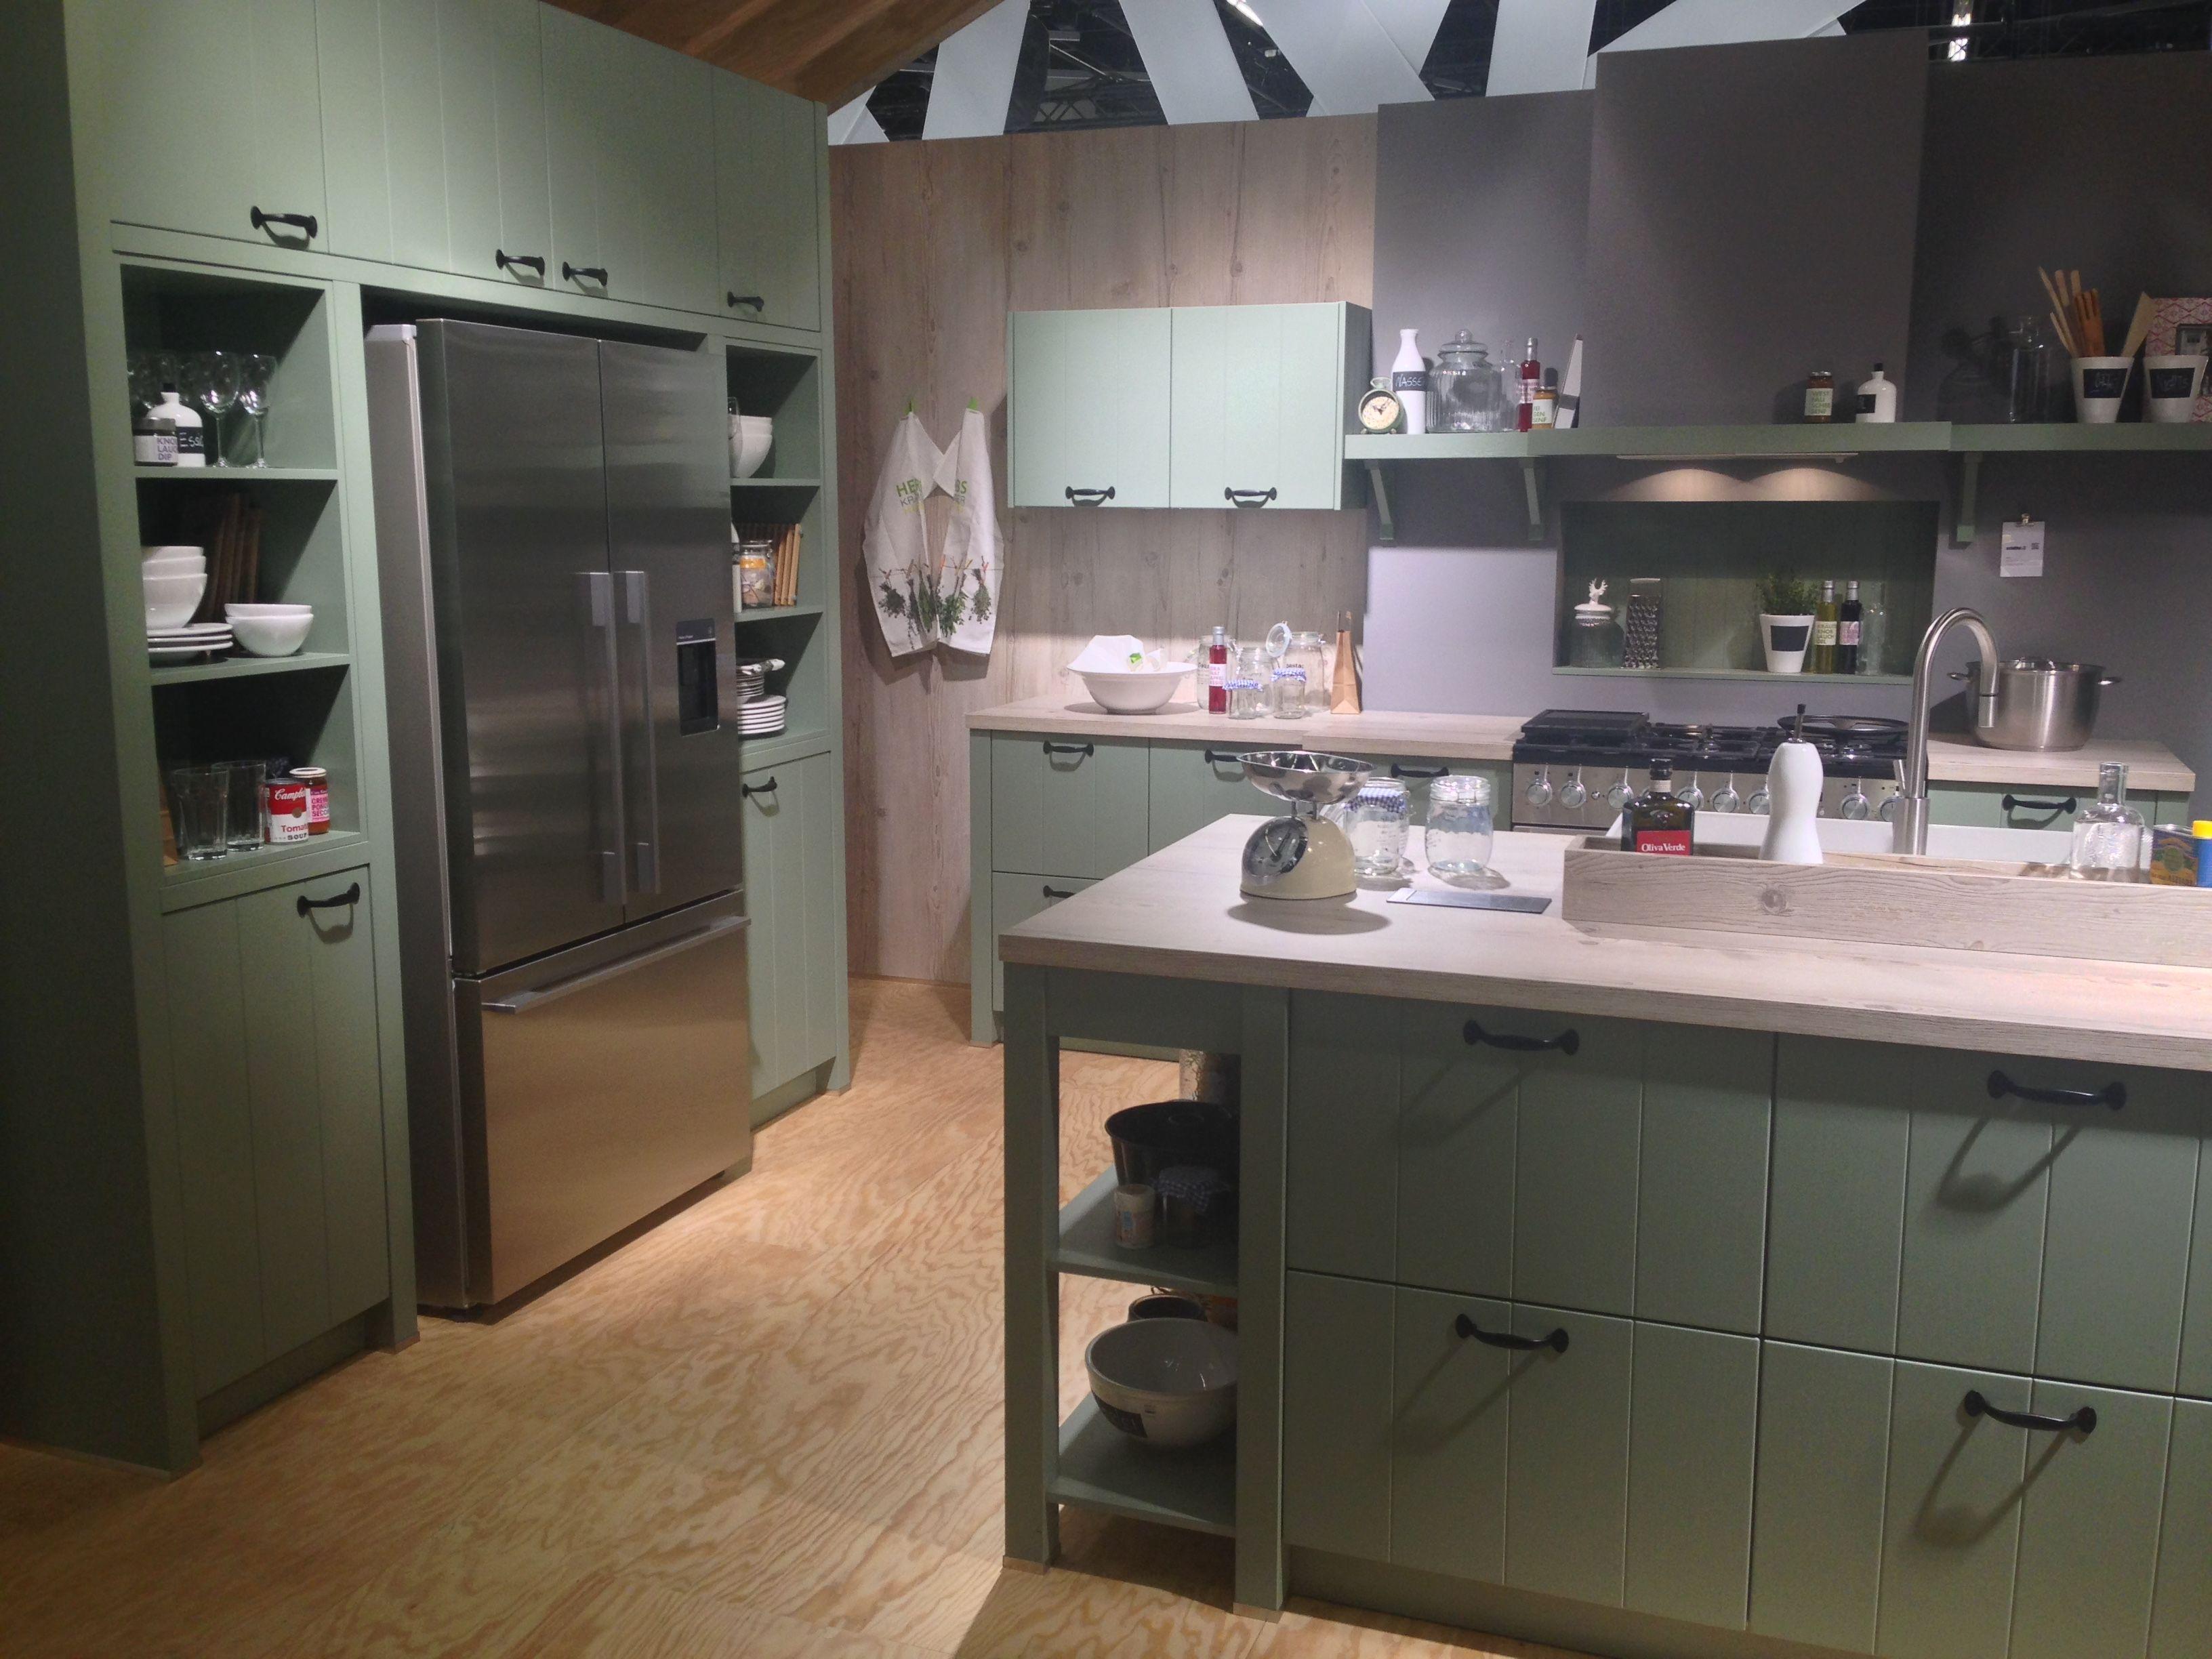 schüller küchenplaner webseite abbild und aaffdaeeeeca jpg